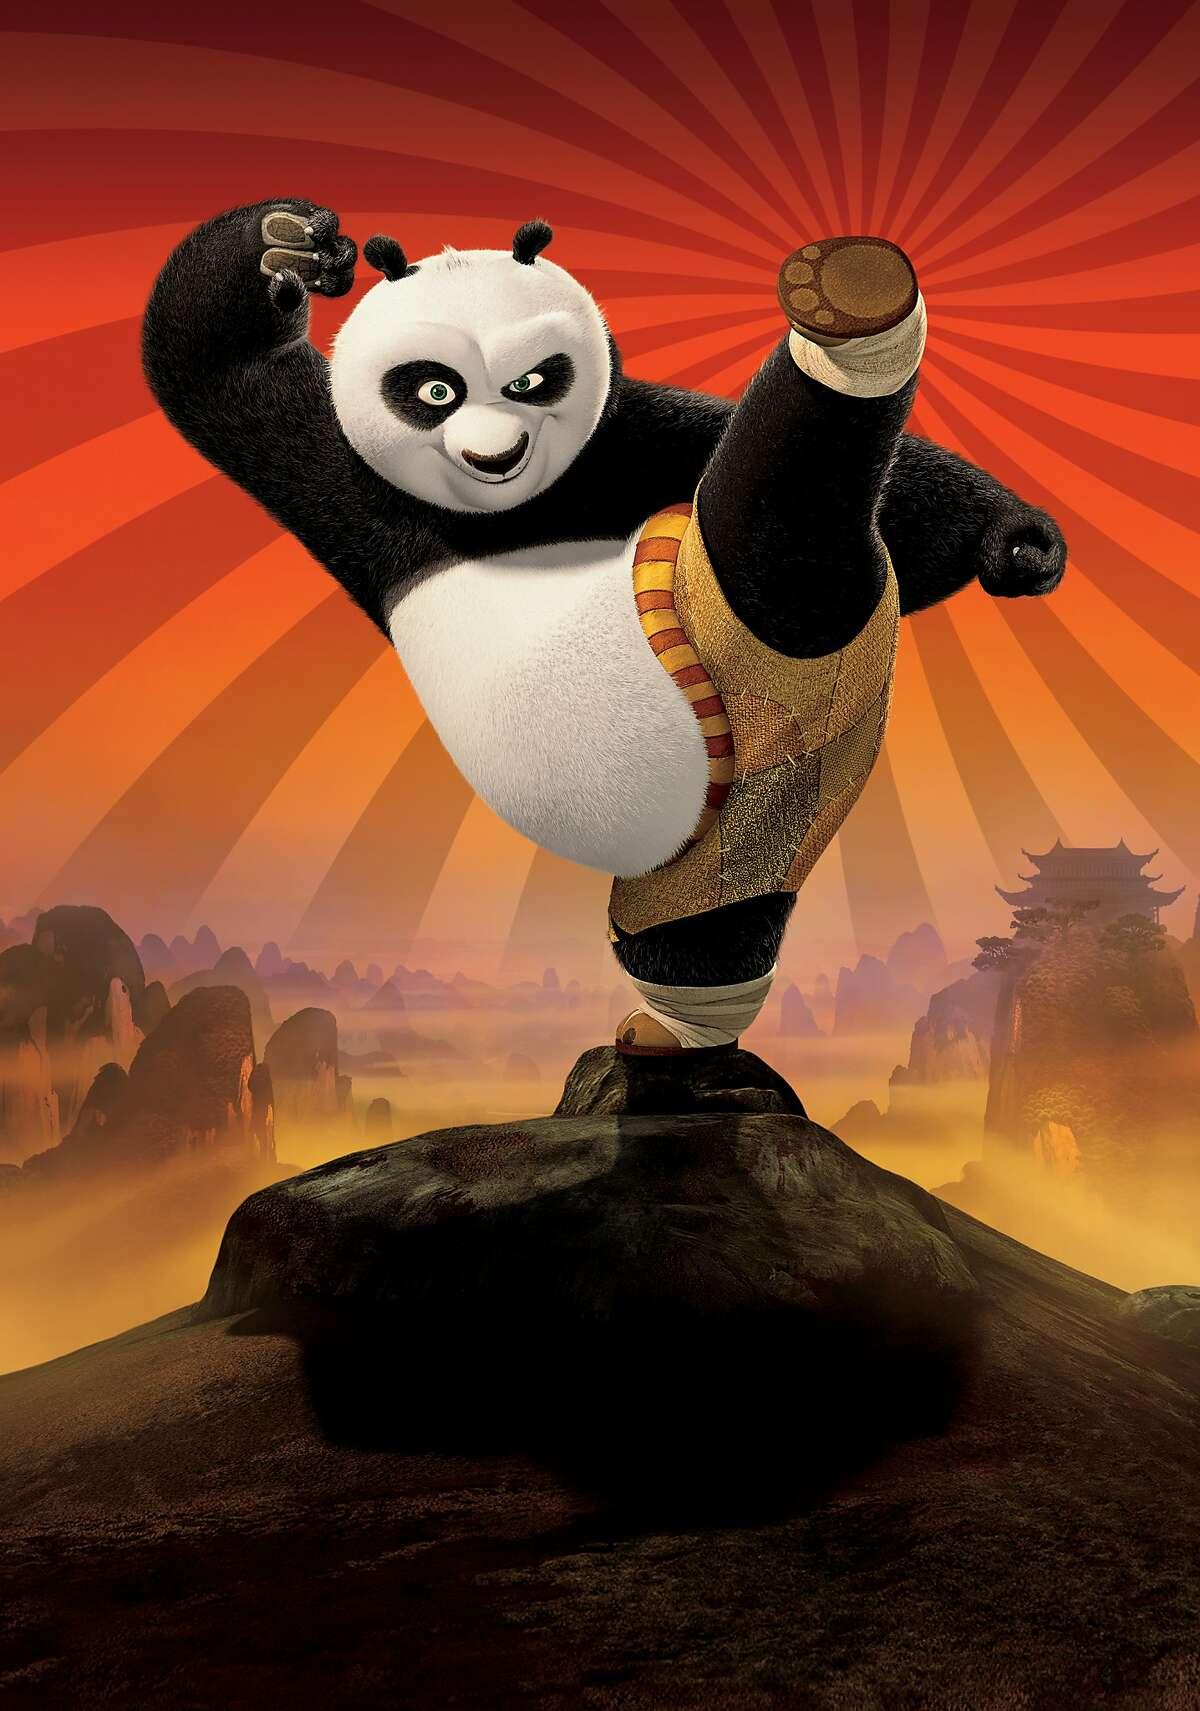 Kung Fu Panda (2008) | Kung Fu Panda 2 (2011) Available on Netflix July 1